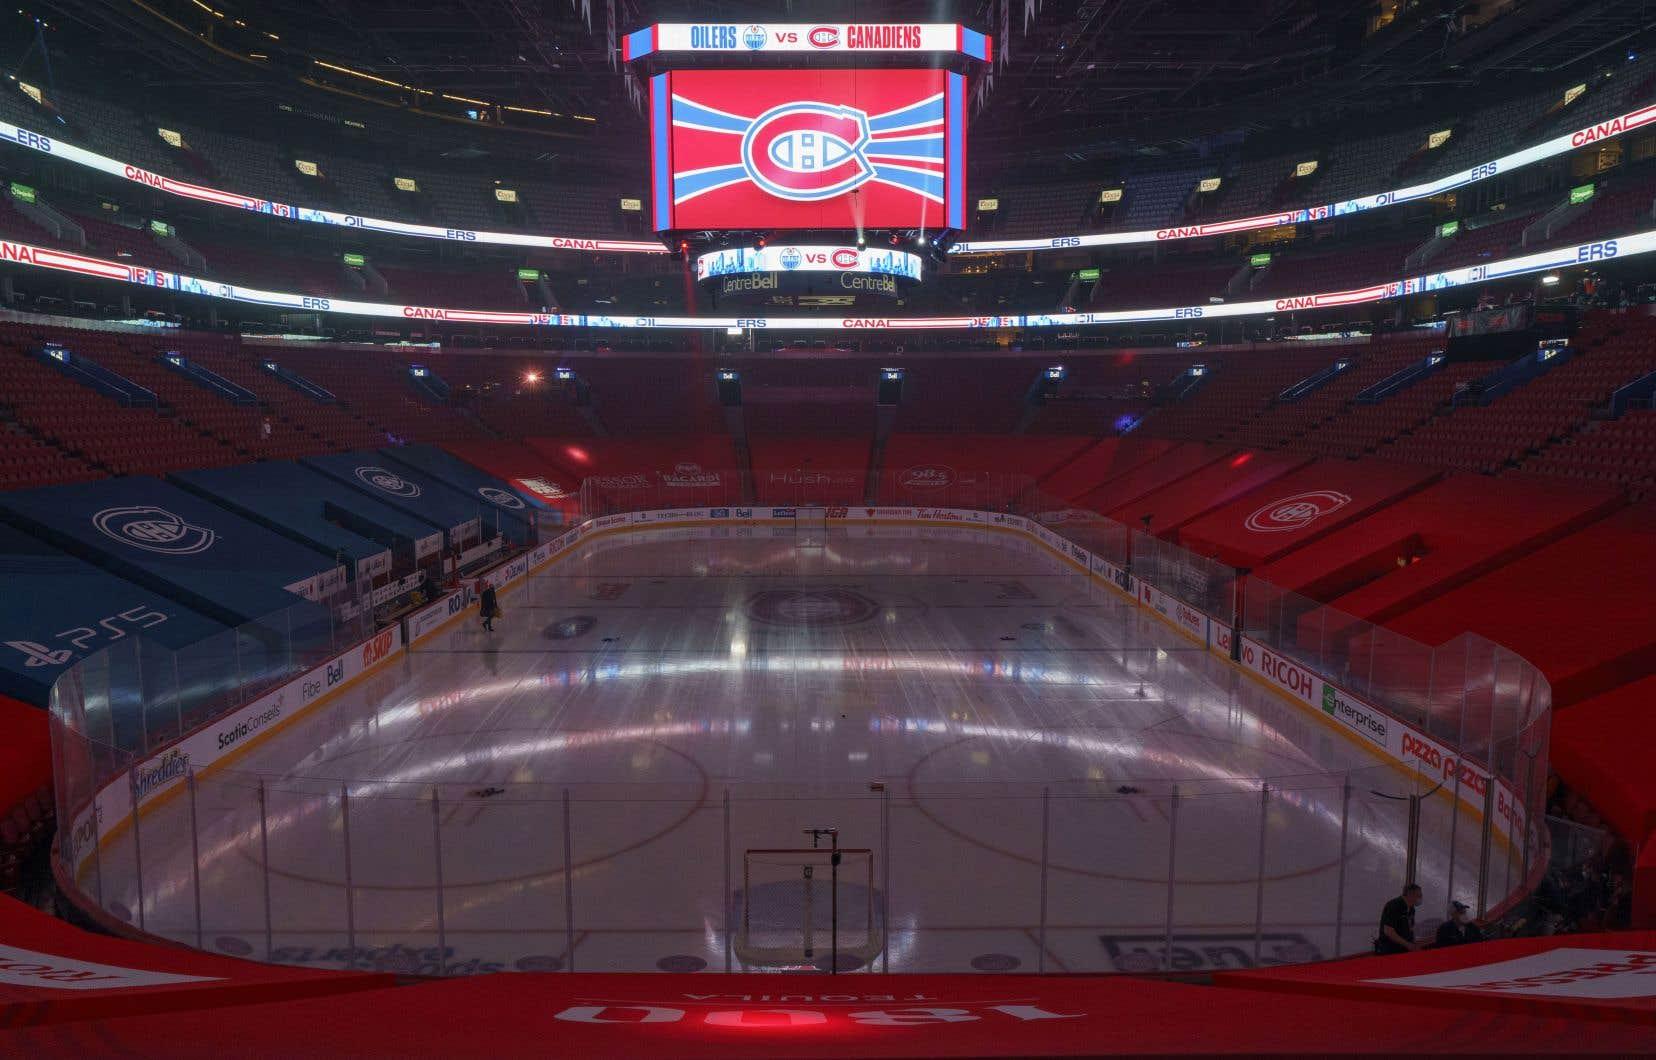 Le Canadien est la première équipe canadienne de la LNH à annoncer son intention d'accueillir des spectateurs dans les gradins cette saison.